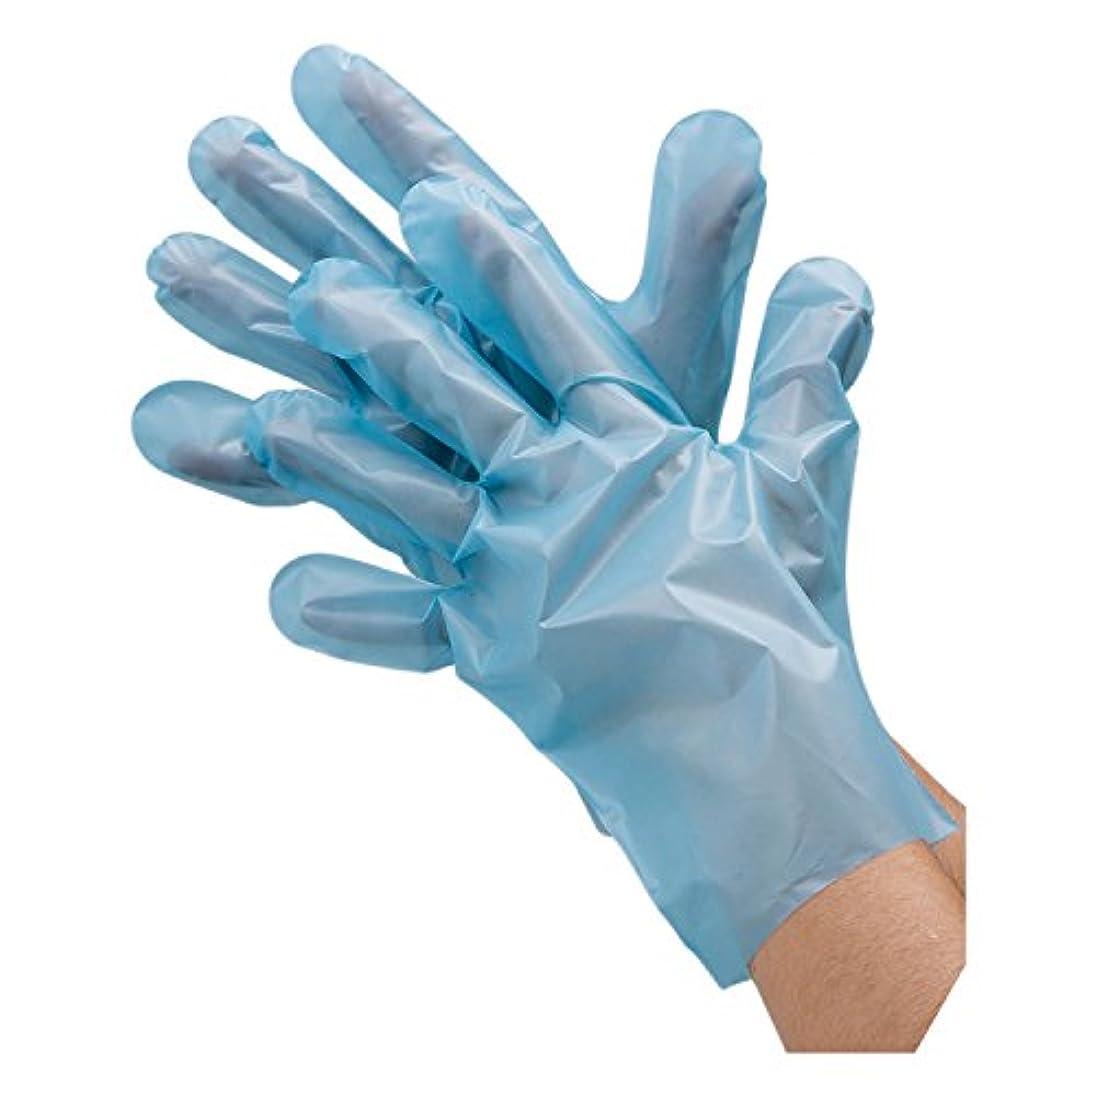 過去地域あご川西工業 ポリエチレン手袋 外エンボス エコノミー 100枚入 #2018 ブルー M